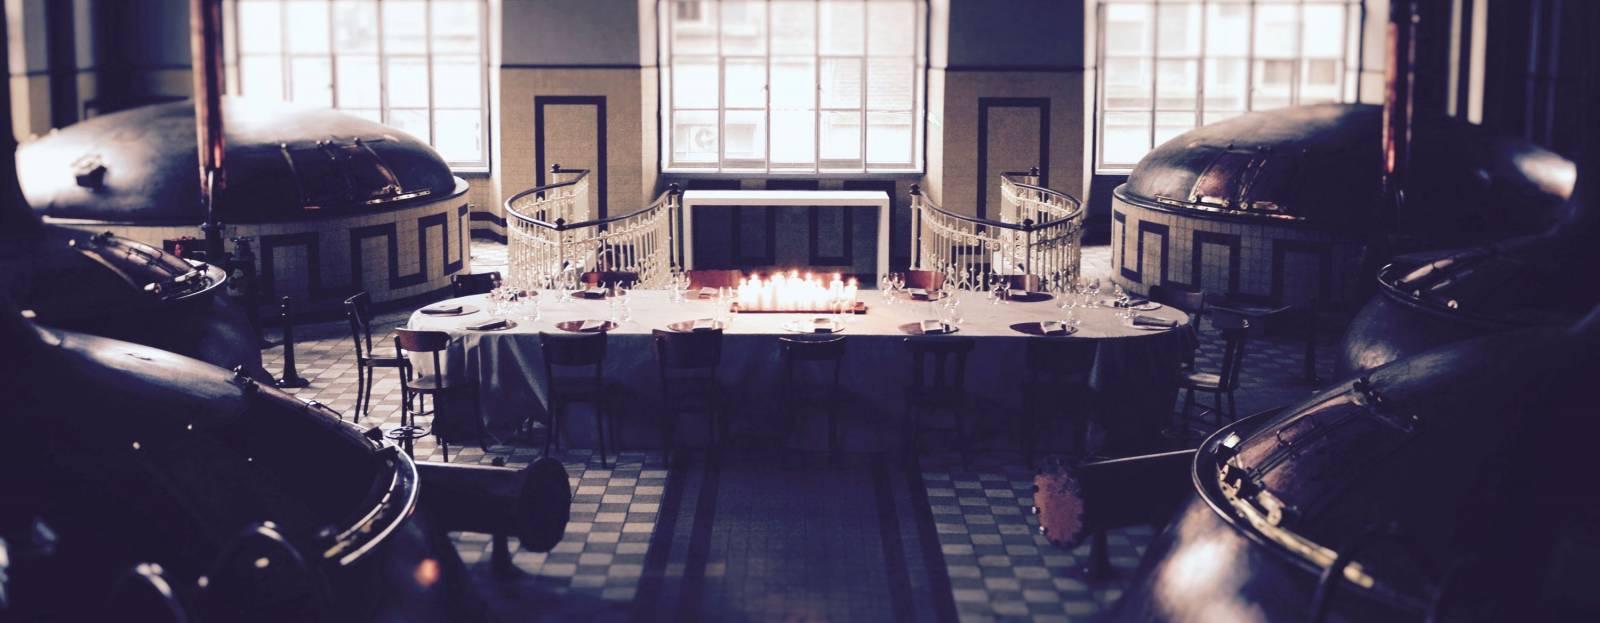 De Hoorn - Feestzaal - House of Weddings - 11